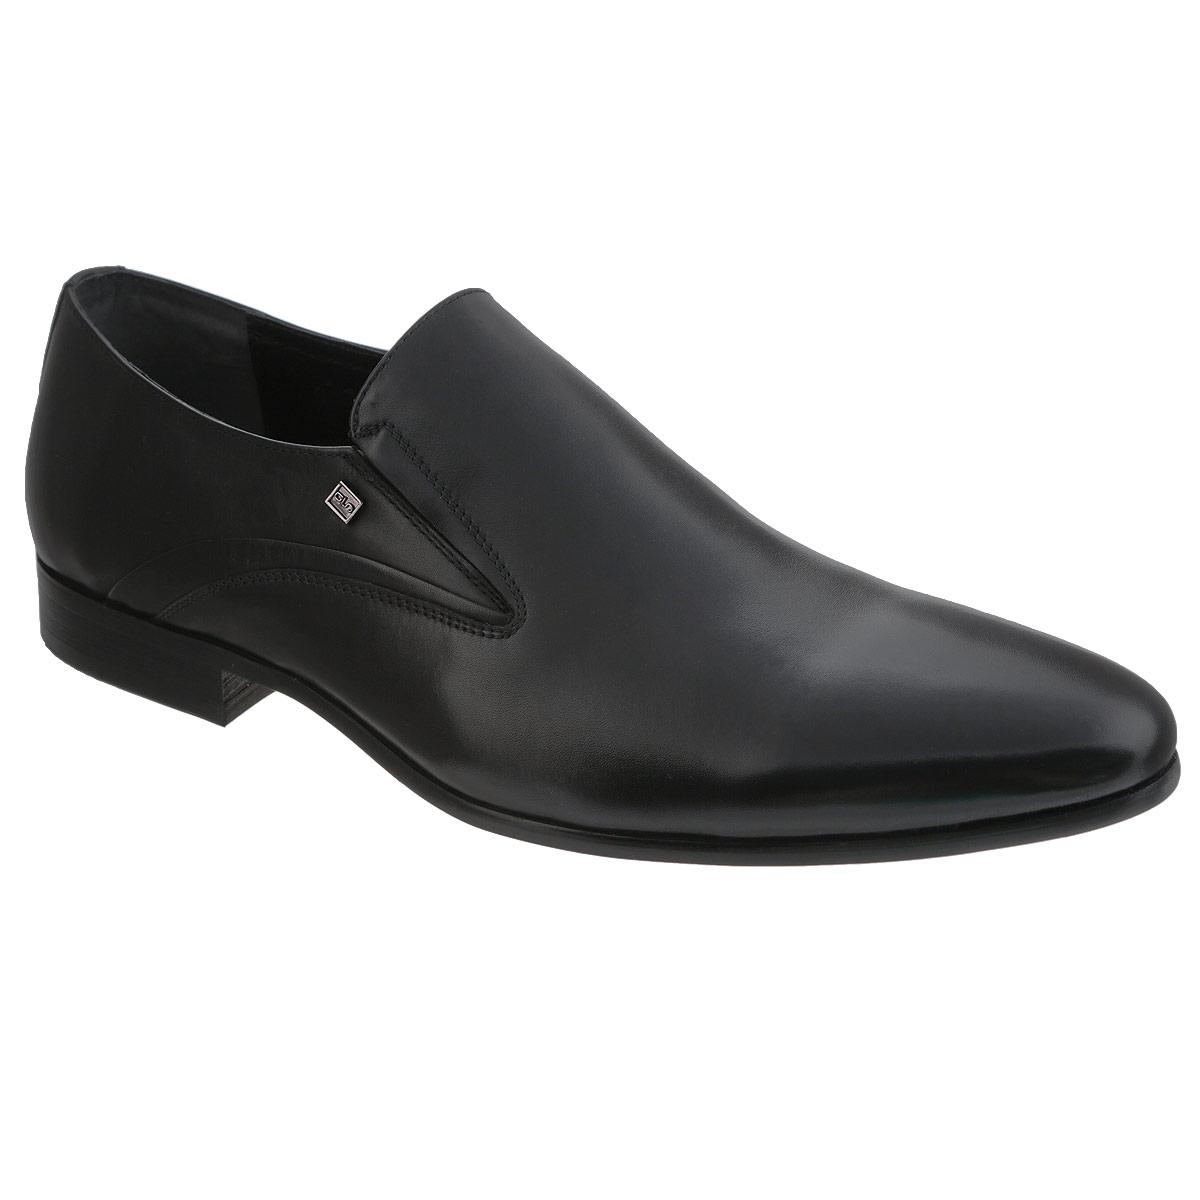 Туфли мужские. 5100151001Элегантные мужские туфли от Antonio Biaggi отлично дополнят ваш деловой образ. Модель выполнена из высококачественной натуральной кожи и оформлена металлической пластиной с логотипом бренда. Резинки, расположенные на подъеме, обеспечивают оптимальную посадку модели на ноге. Кожаная стелька с супинатором обеспечивает максимальный комфорт при движении. Умеренной высоты каблук и подошва с рифлением обеспечивают отличное сцепление с поверхностью. Стильные туфли займут достойное место среди вашей коллекции обуви.